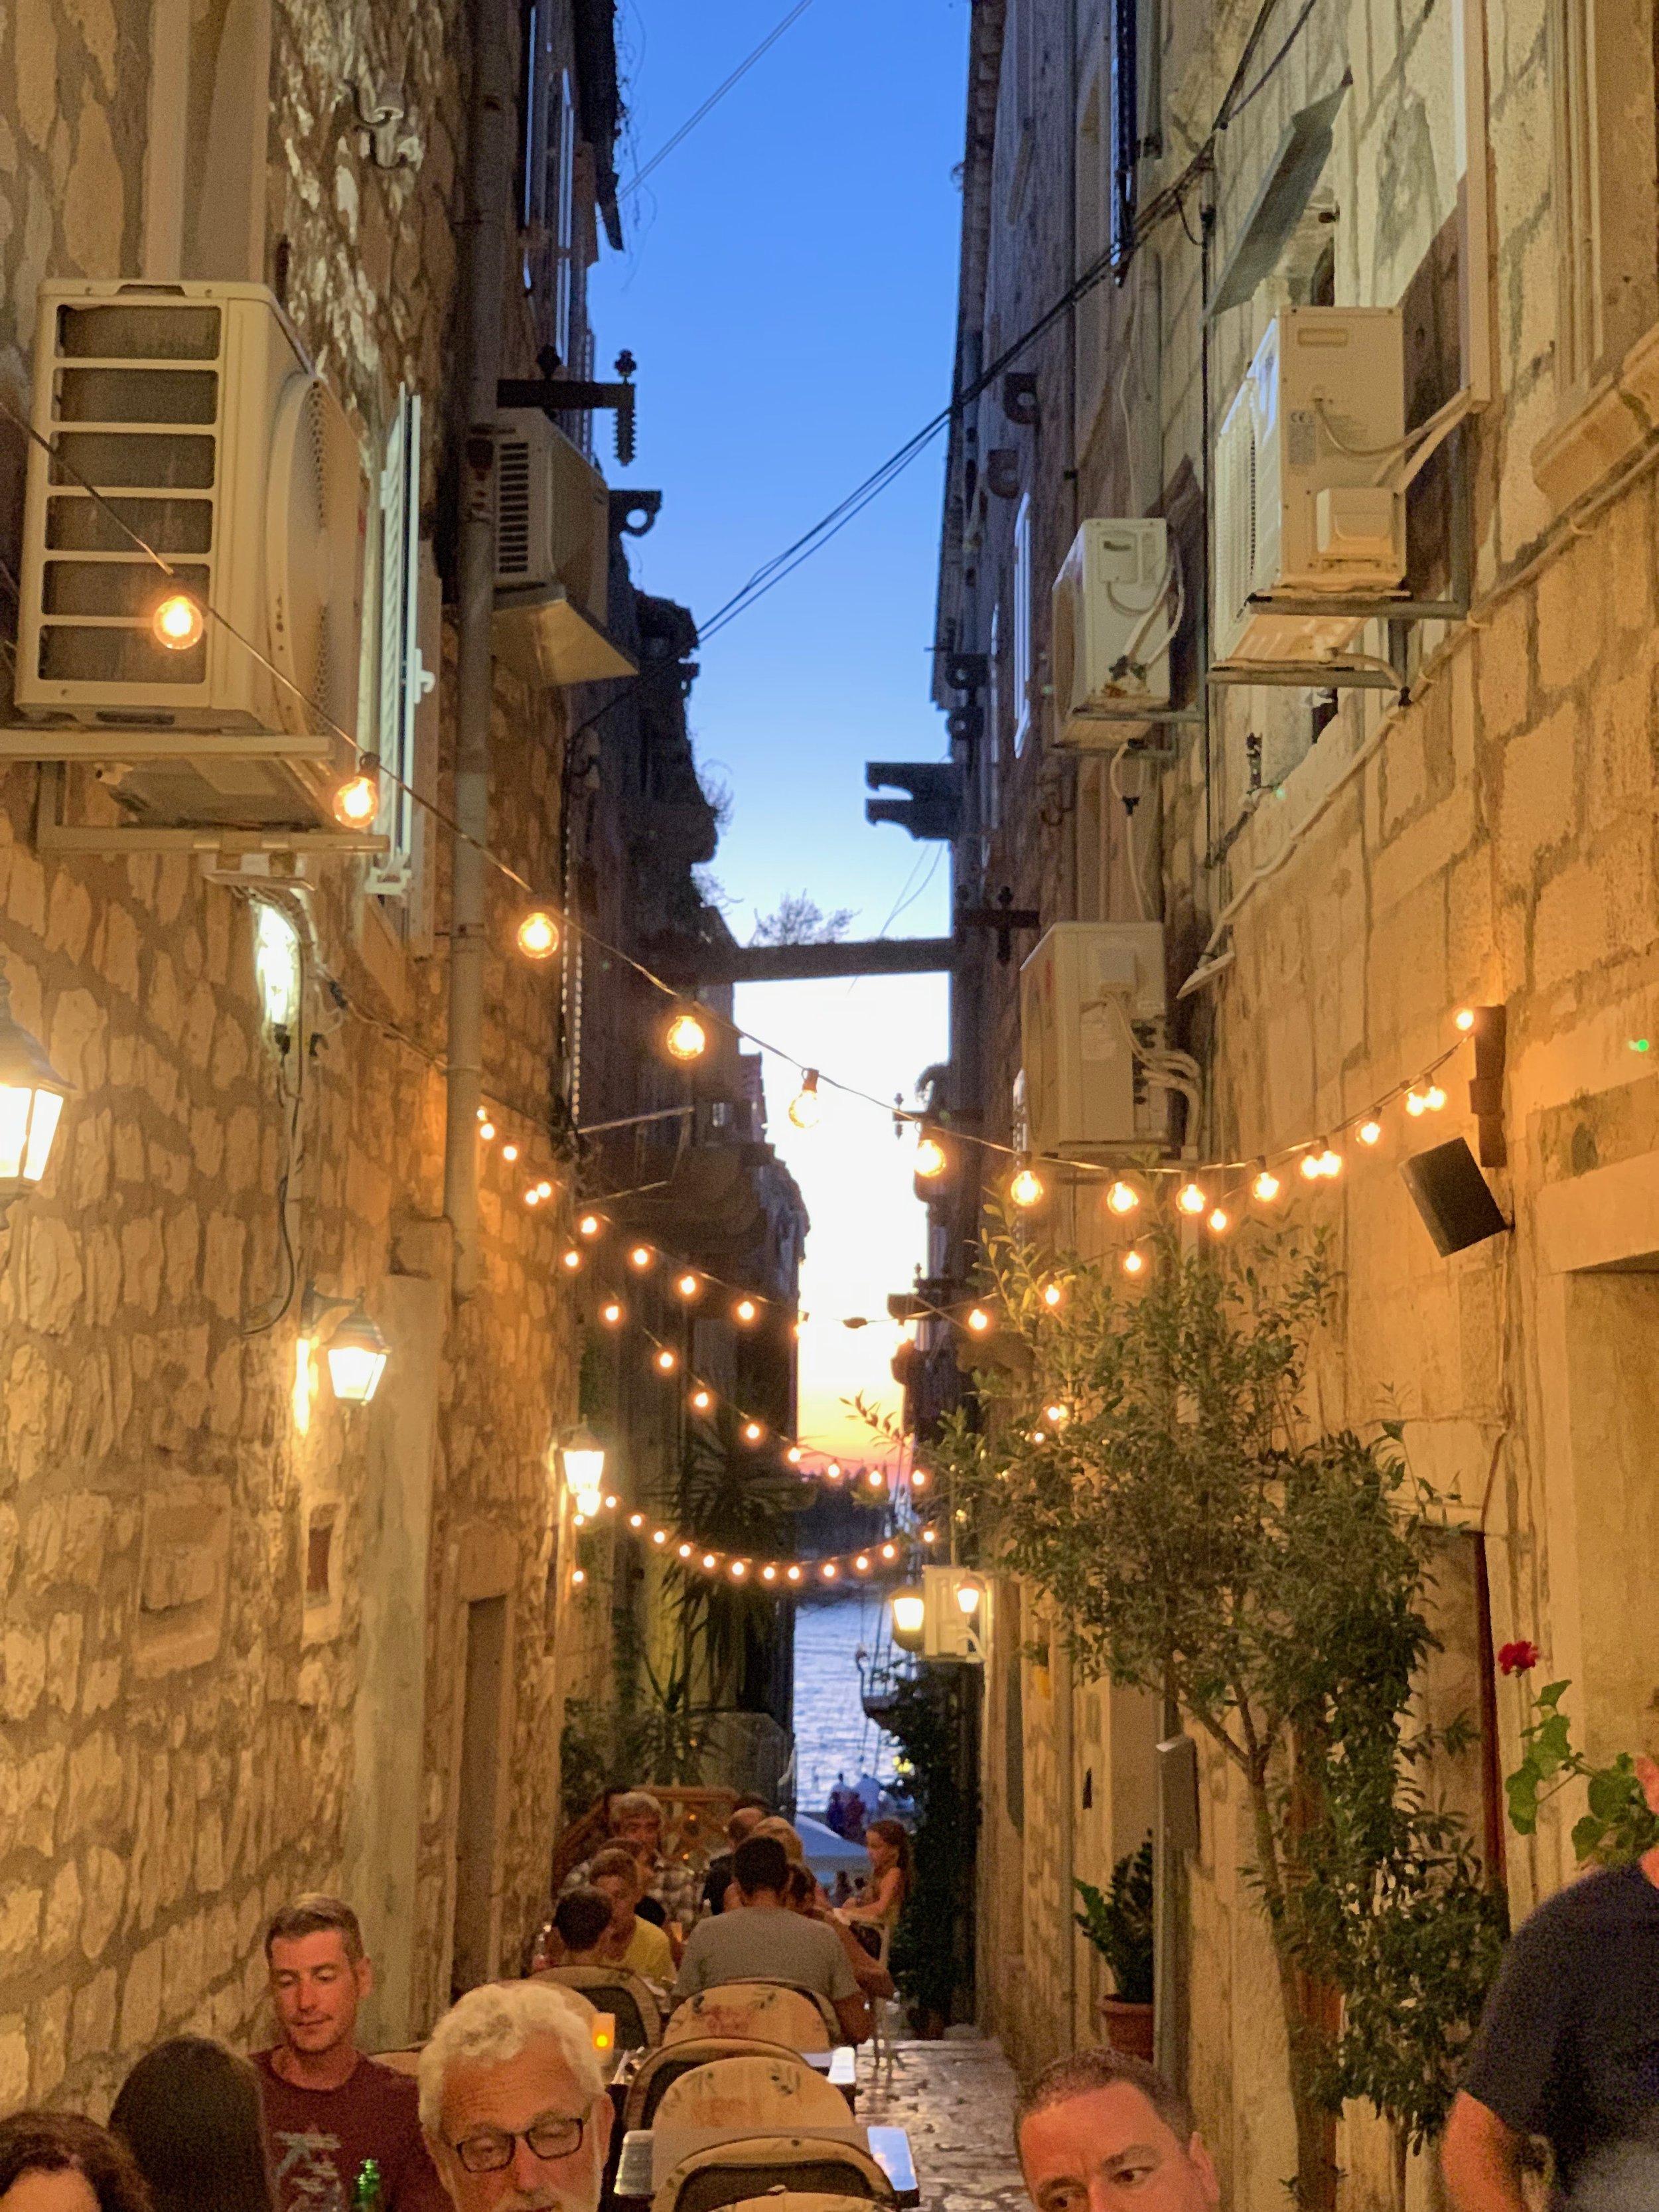 Narrow Alleyways in Old Town, Korcula